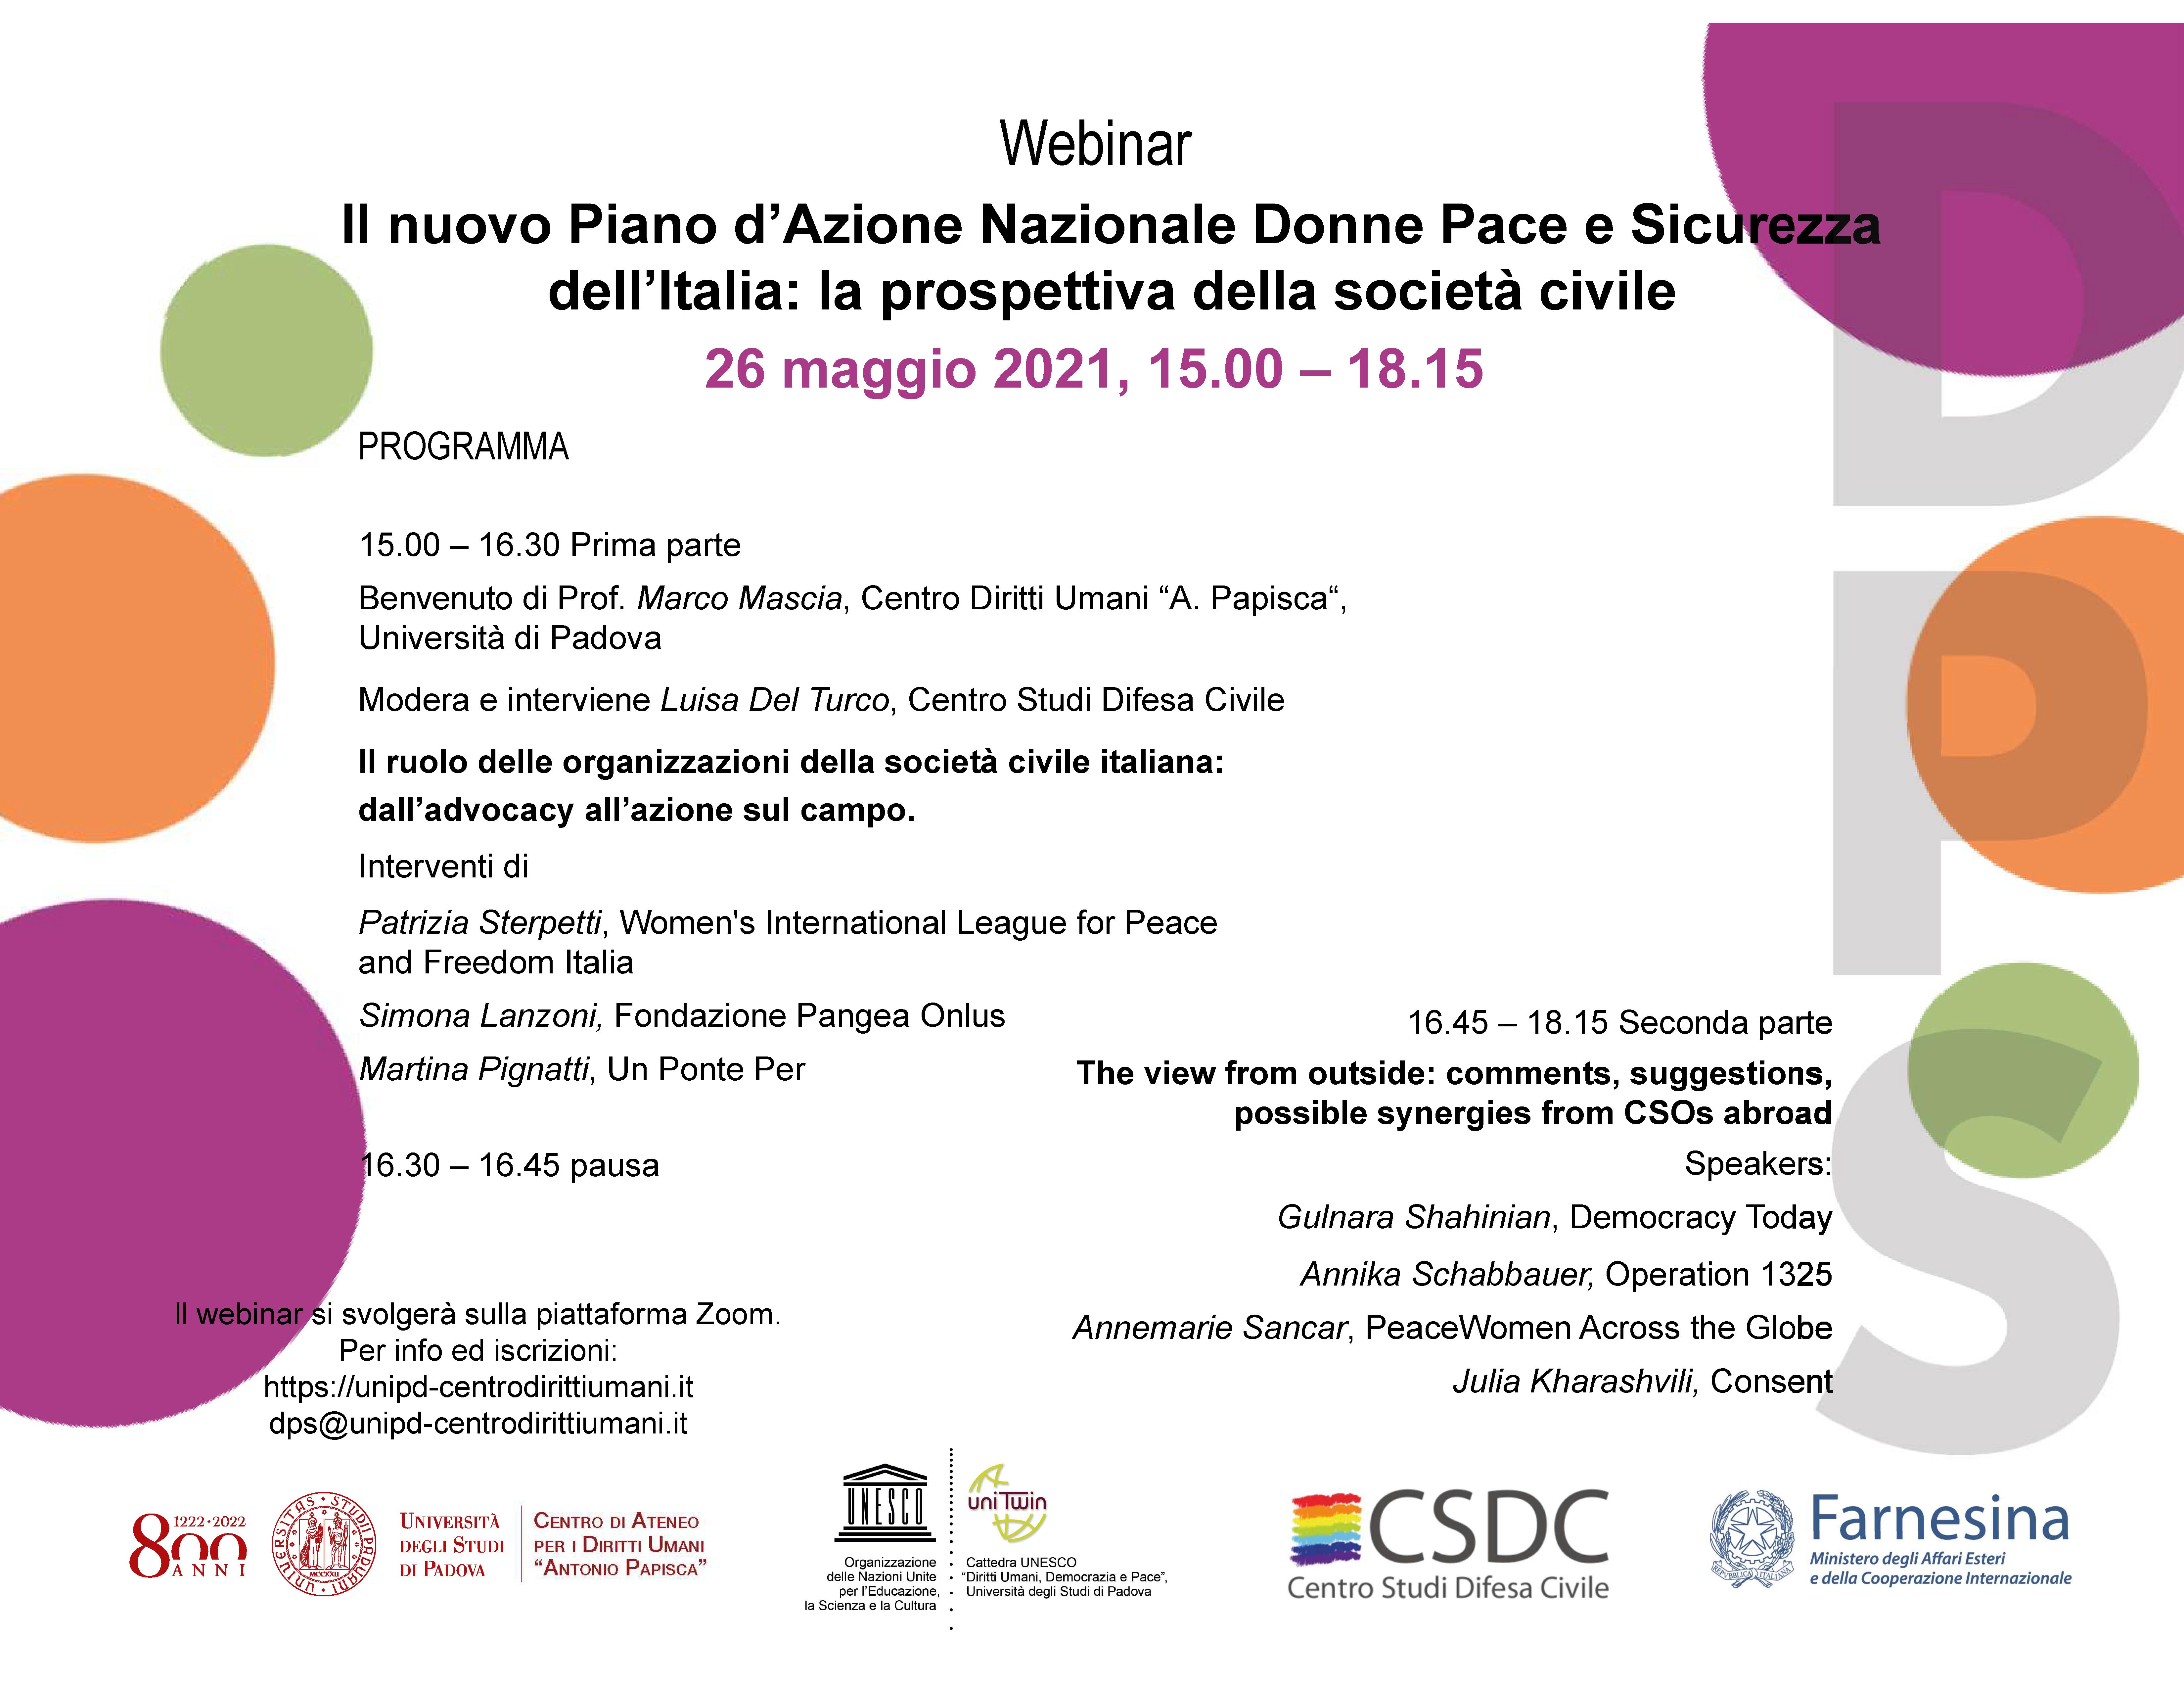 Webinar Il nuovo Piano d'Azione Nazionale Donne, Pace e Sicurezza dell'Italia: la prospettiva della società civile, 26 maggio 2021